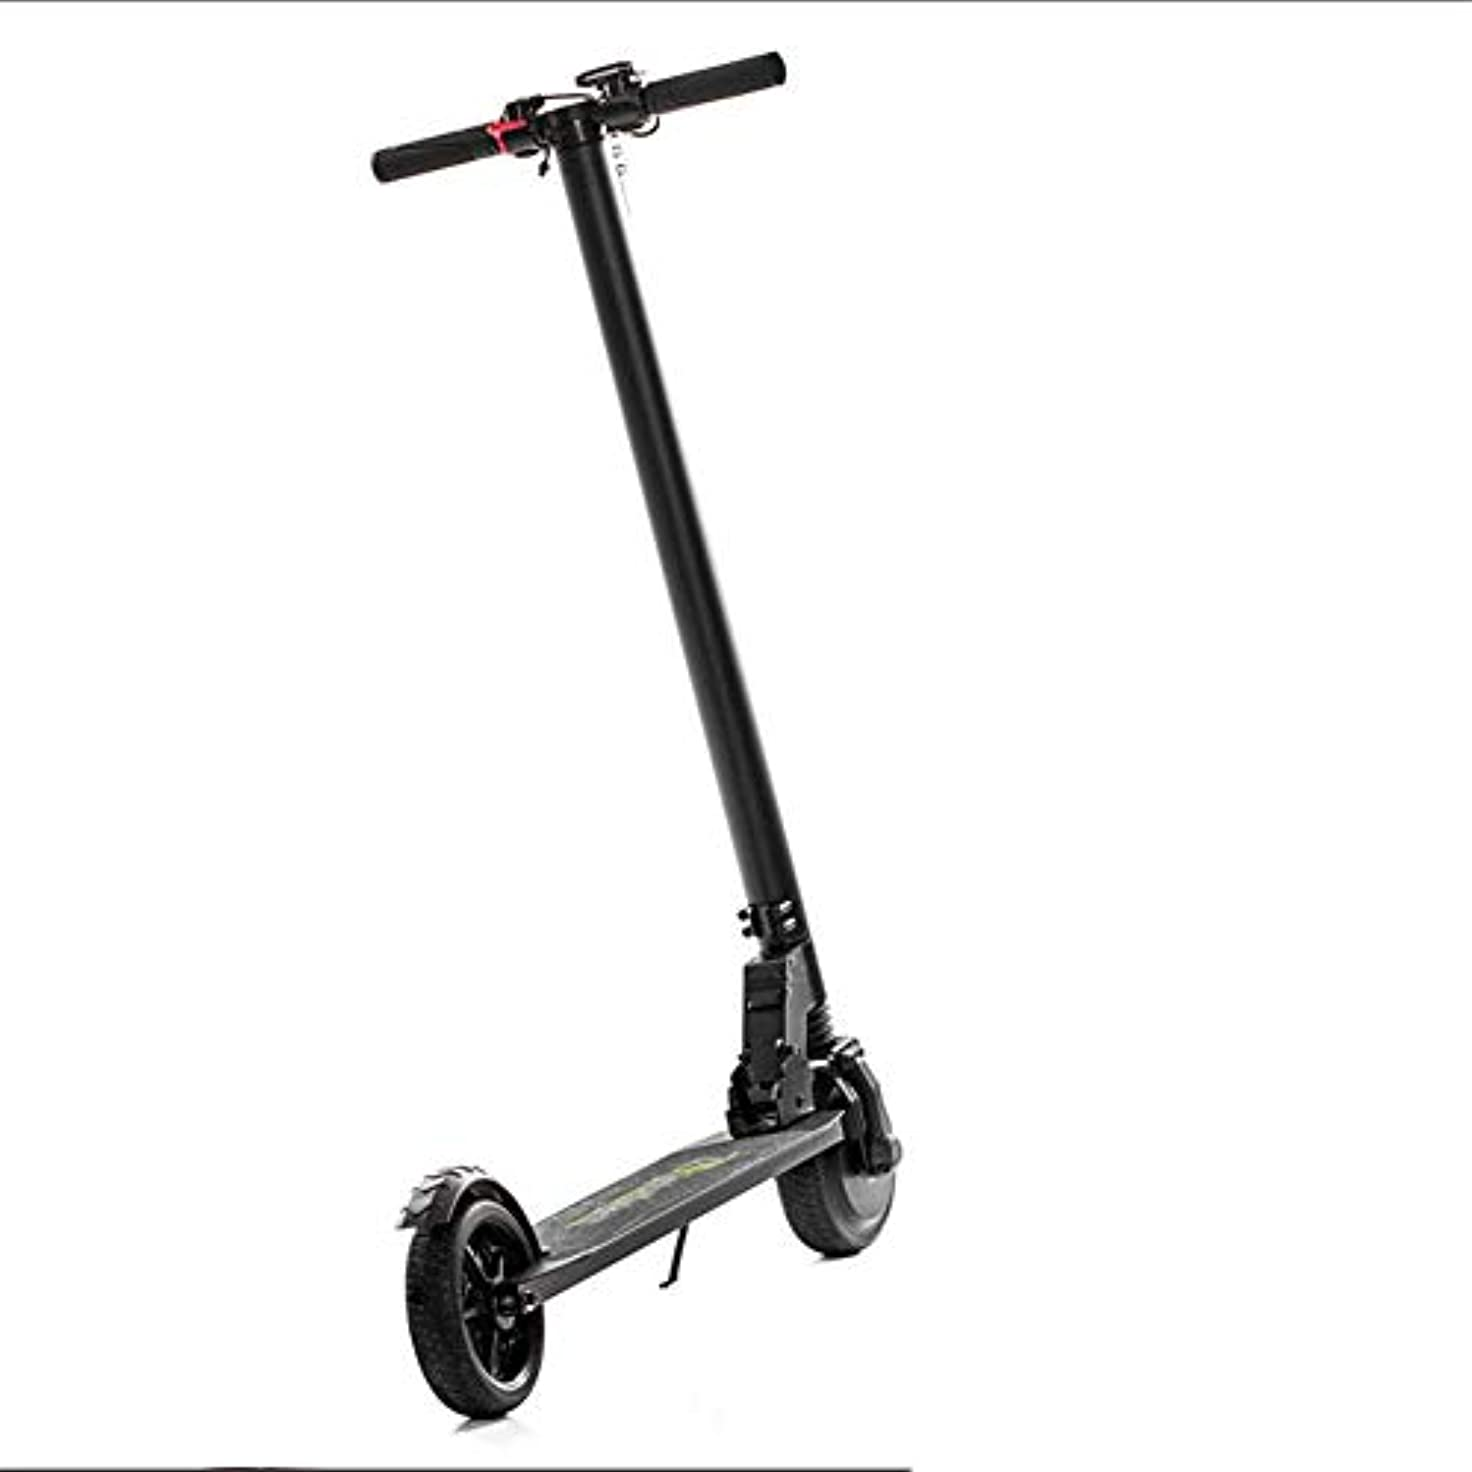 容赦ないアーサーコナンドイルブレース6.5インチ電動スクーター、ミニ折り畳み式携帯トラベルアダルトスクーター、IPSS防水等級長いバッテリ寿命10.4AH容量リチウム電池